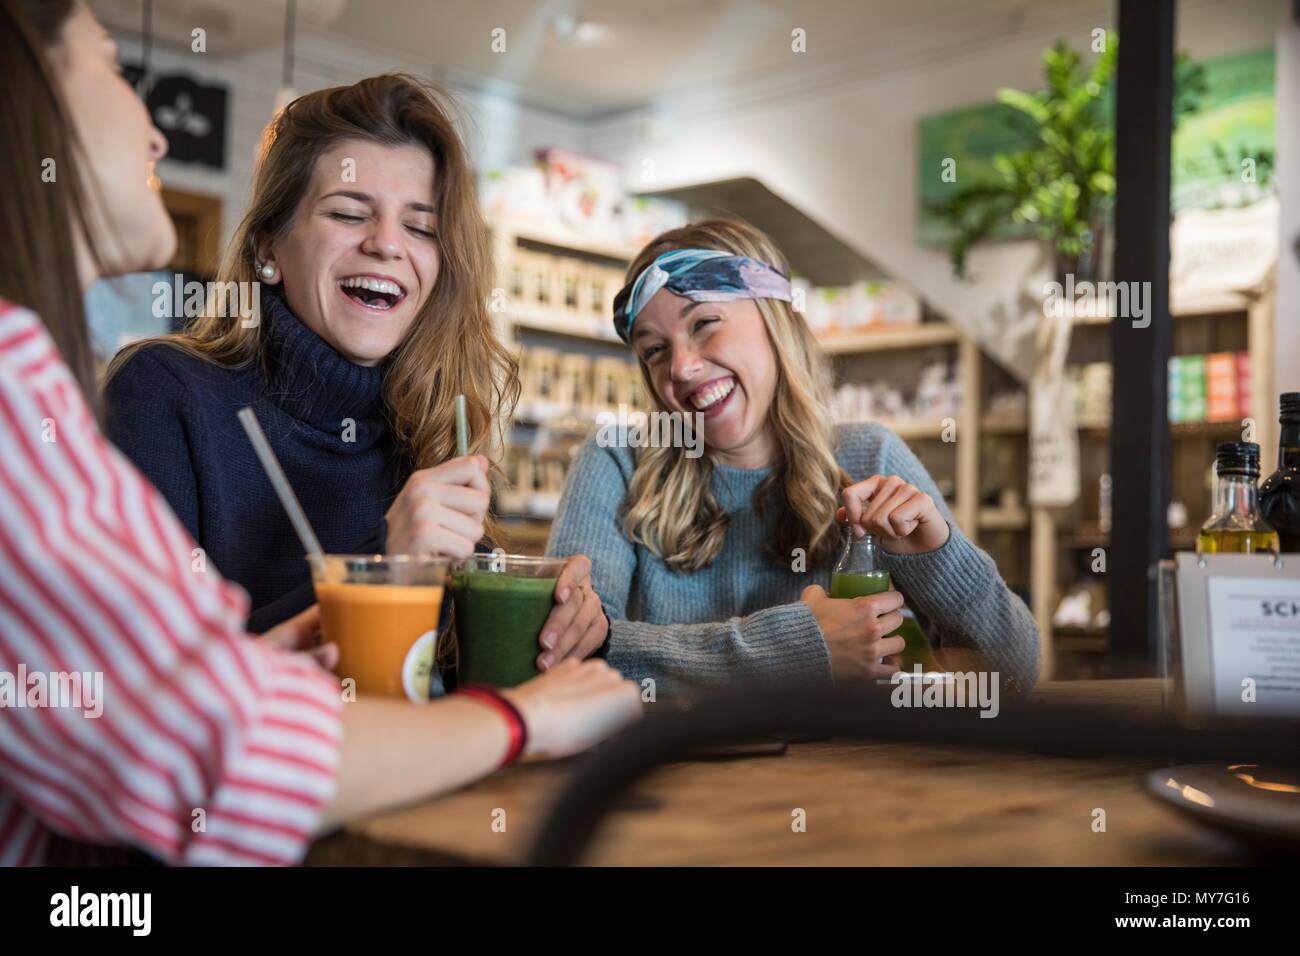 Les trois amis, assis dans un café, boire des smoothies, laughing Photo Stock